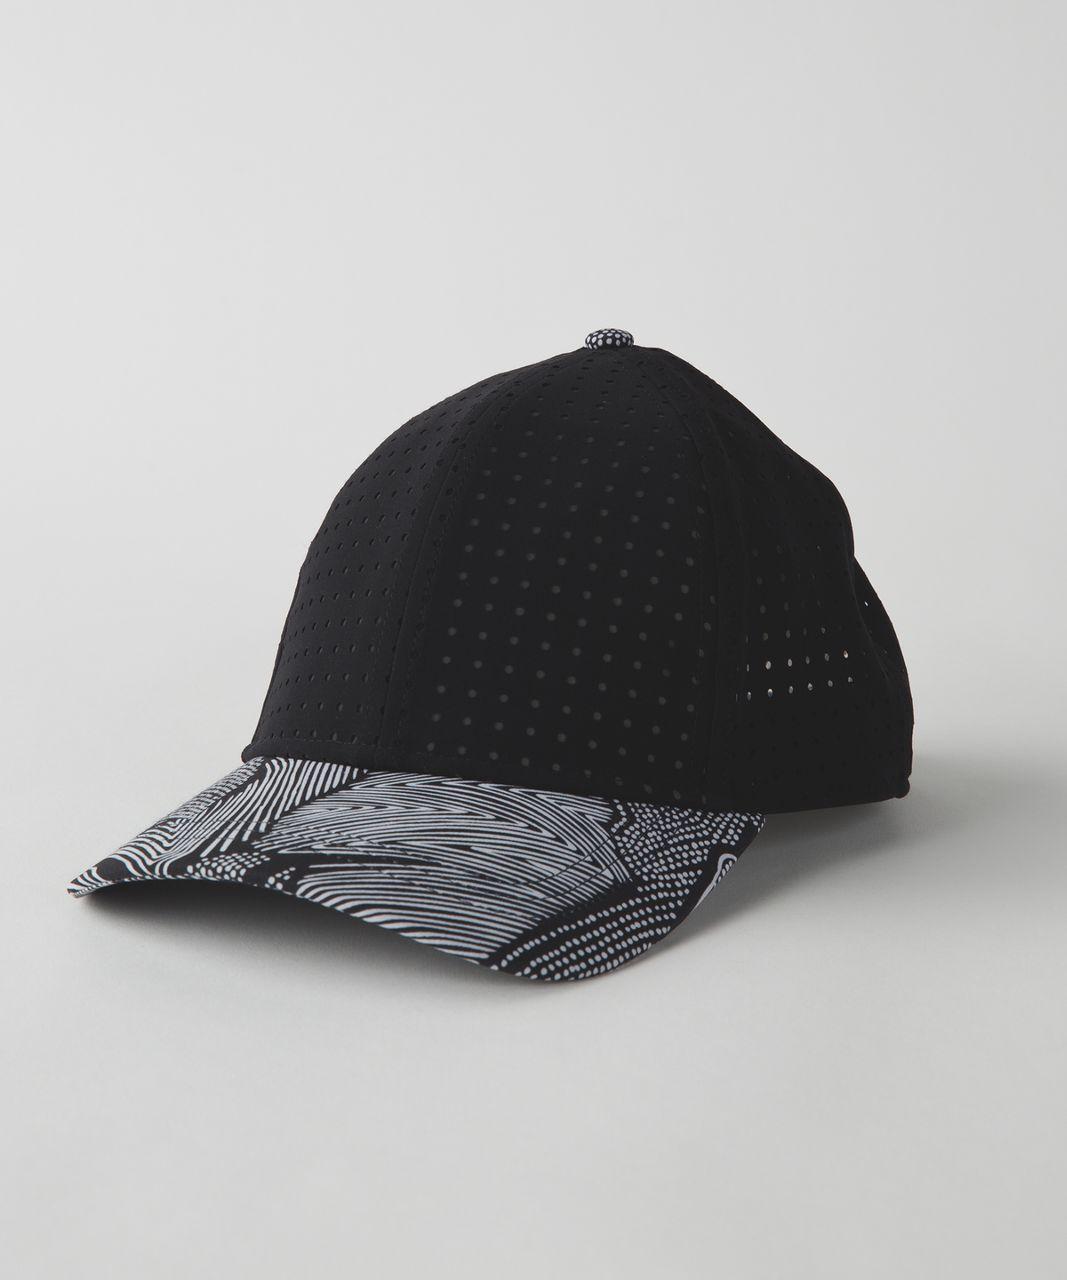 Lululemon Baller Hat (Perforated) - Black   Dottie Tribe White Black ... 121643904b6